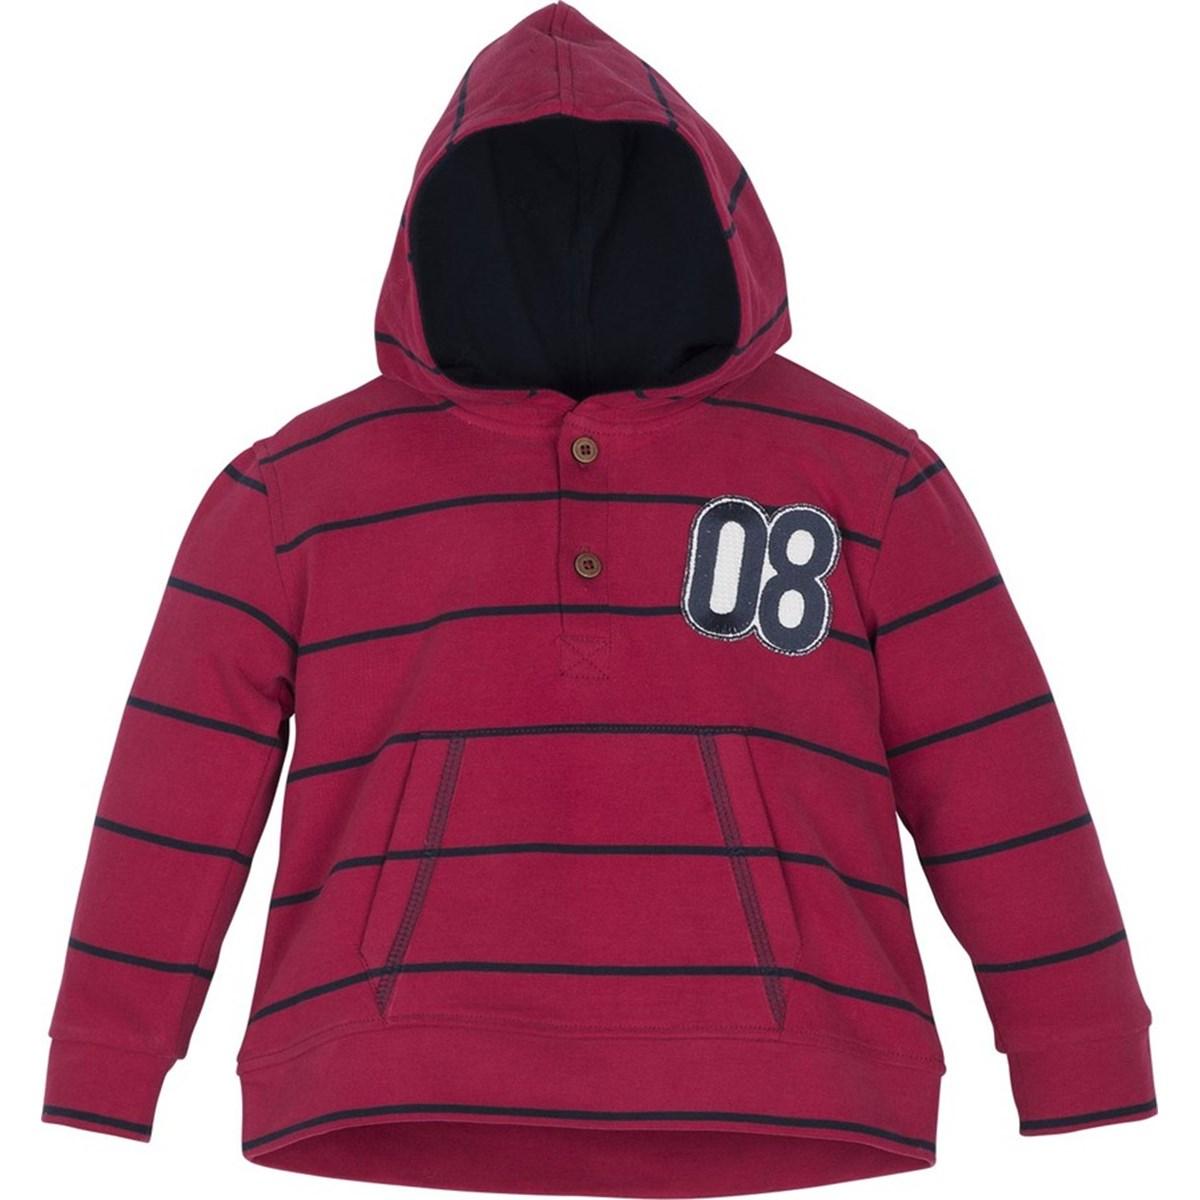 12774 Sweatshirt 1